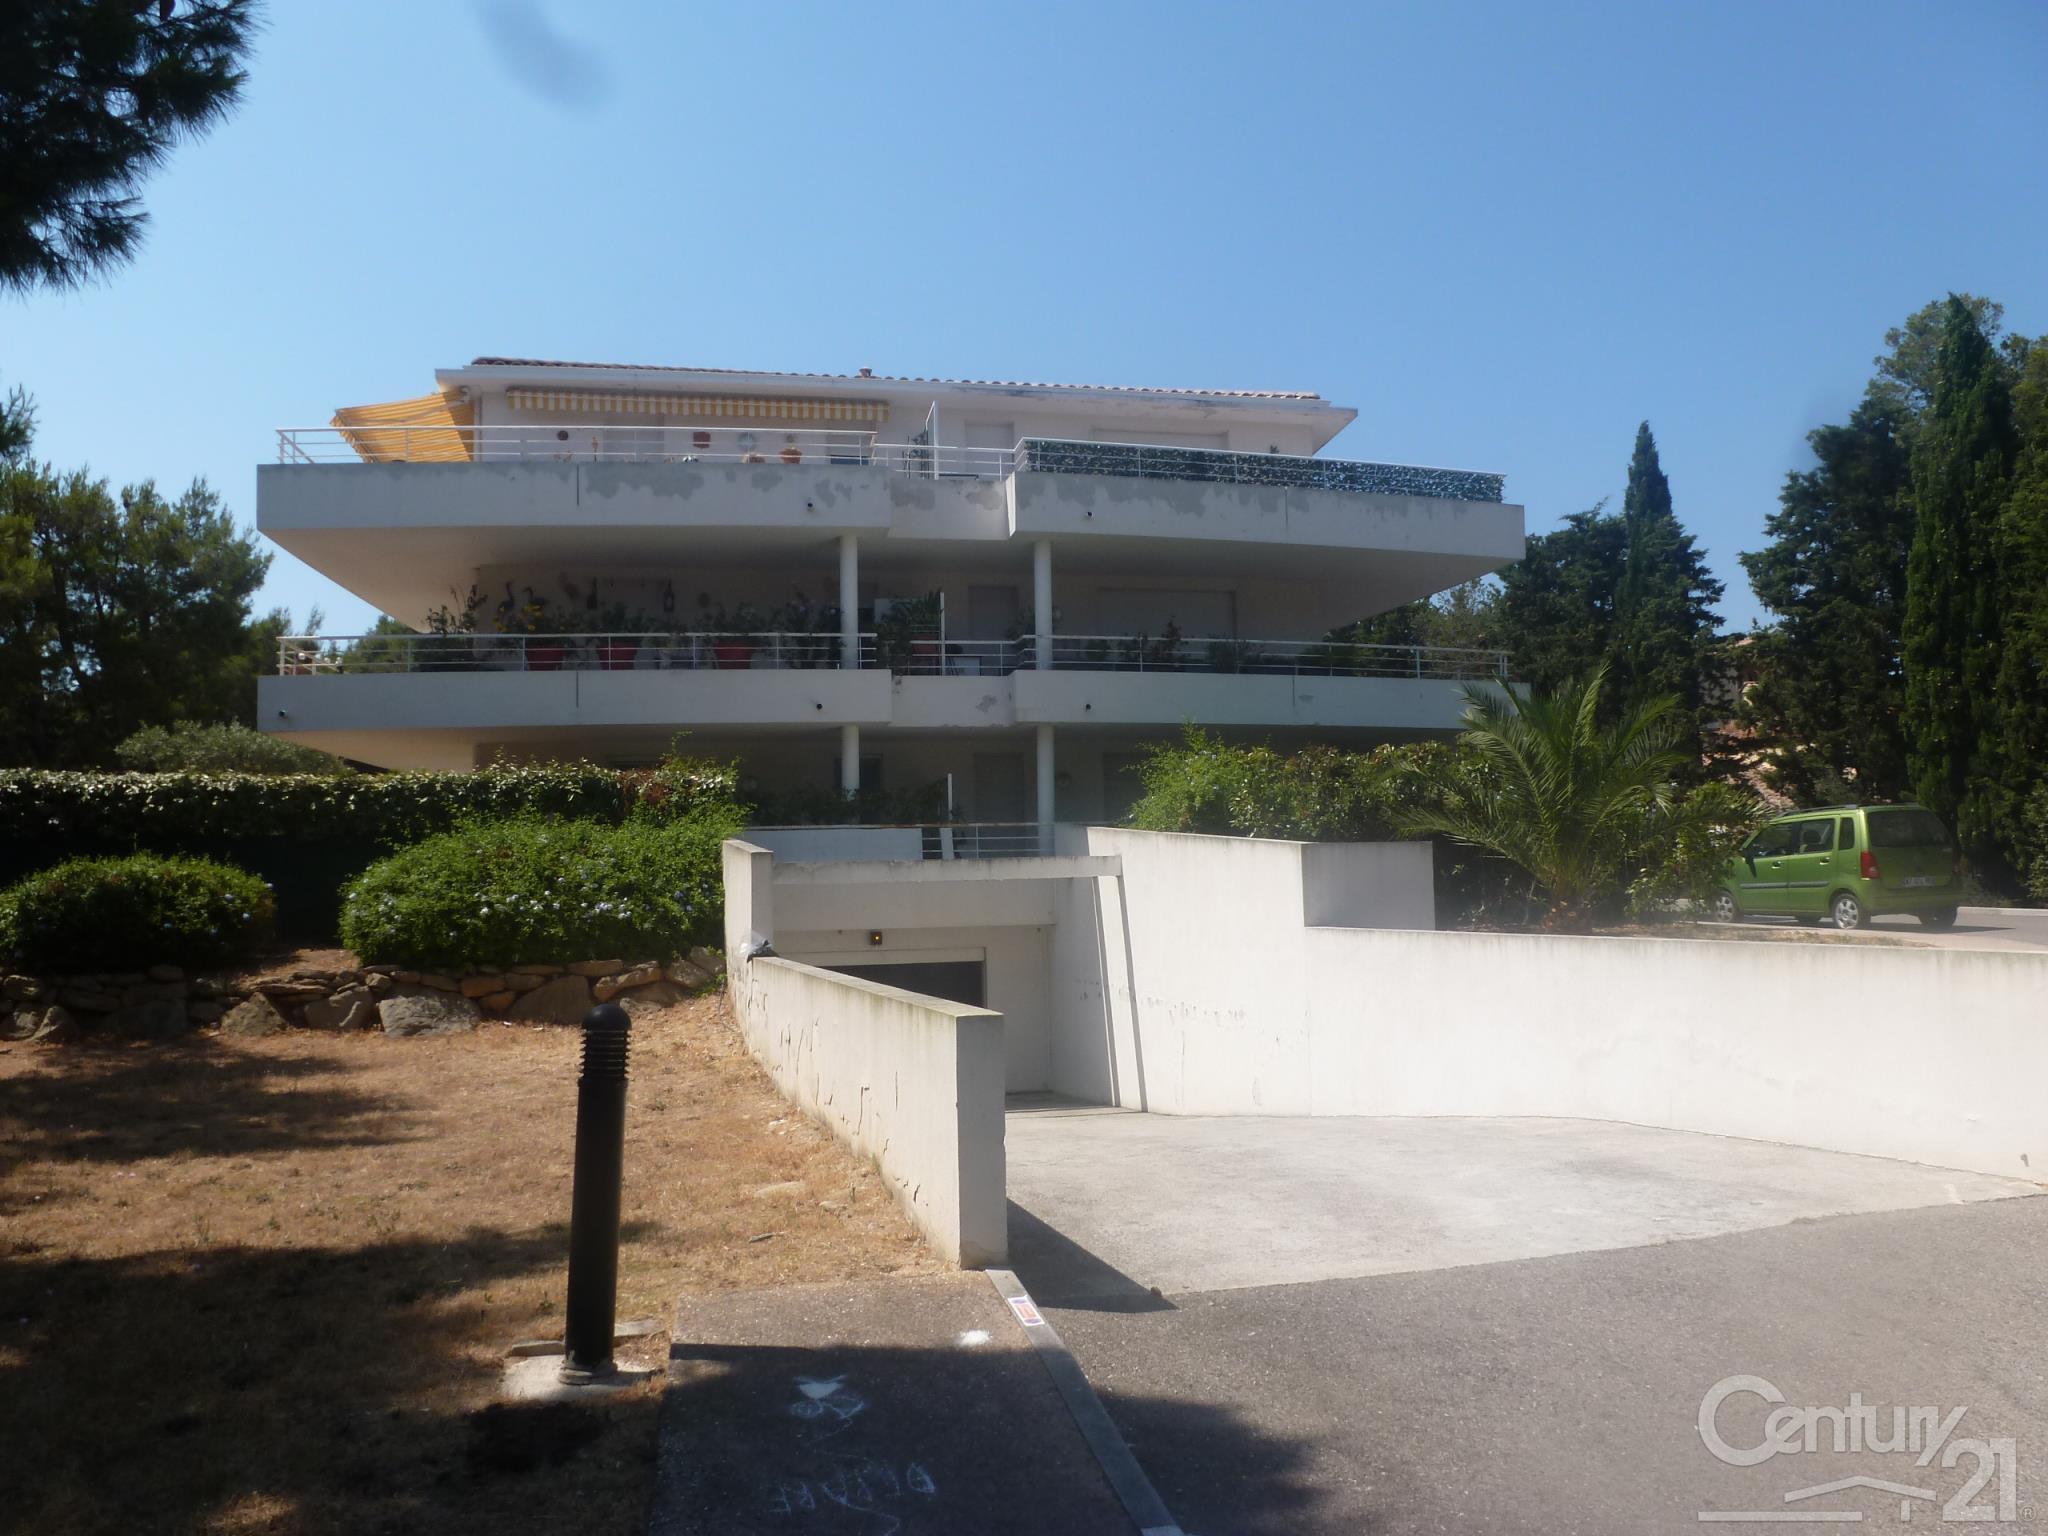 Appartement T3 à Louer - 3 Pièces - 66 M2 - LA CIOTAT - 13 -  PROVENCE-ALPES-COTE-D-AZUR